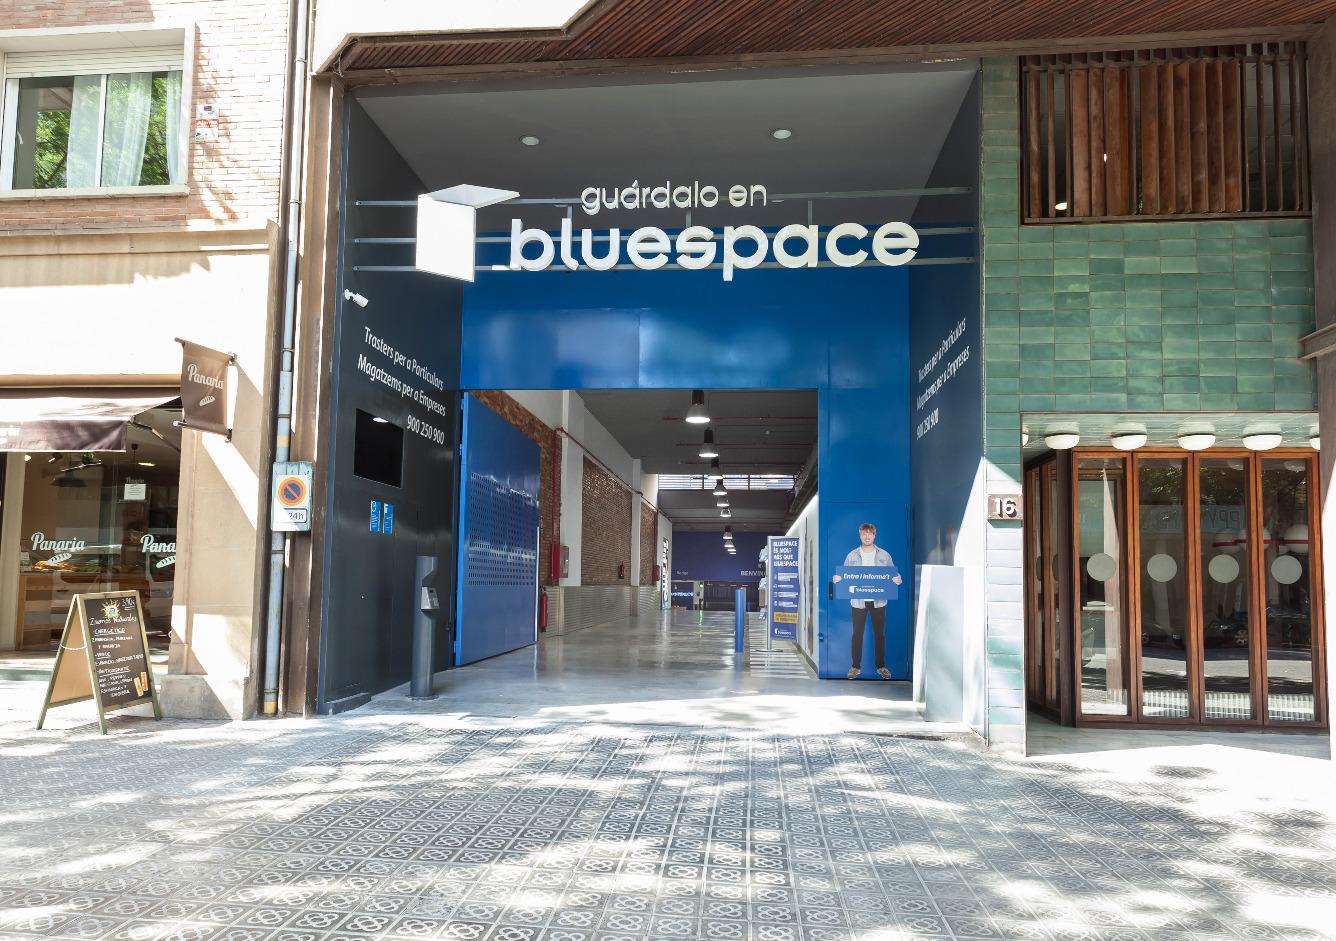 Lloguer Magatzem  Calle bori i fontestà, 16. Trasteros de 2,5 m2 en ganduxer (barcelona). tenemos diferentes